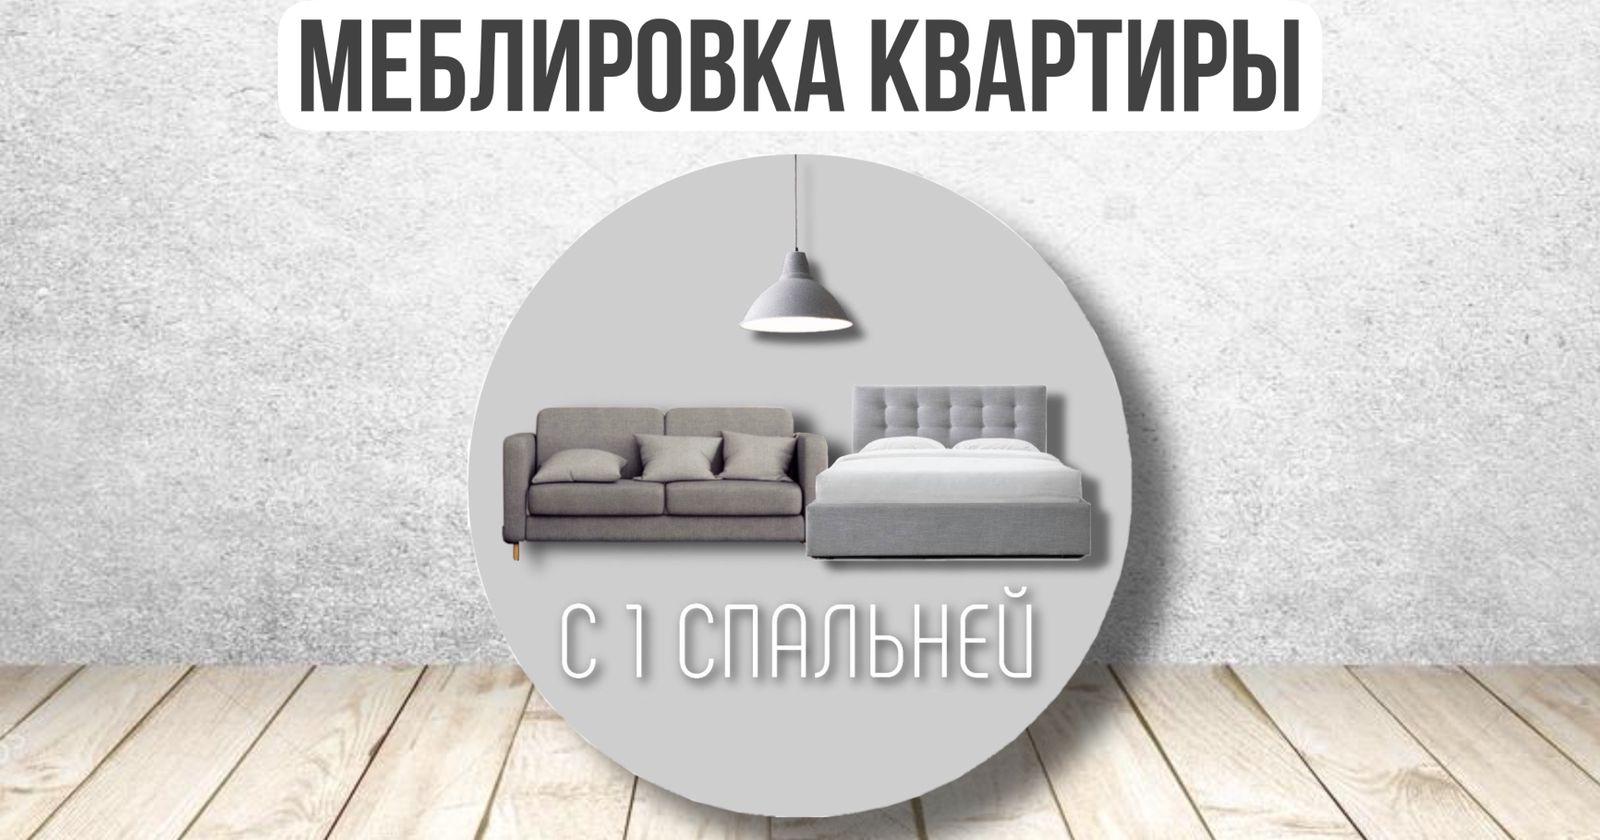 Меблировка квартиры с 1 спальней